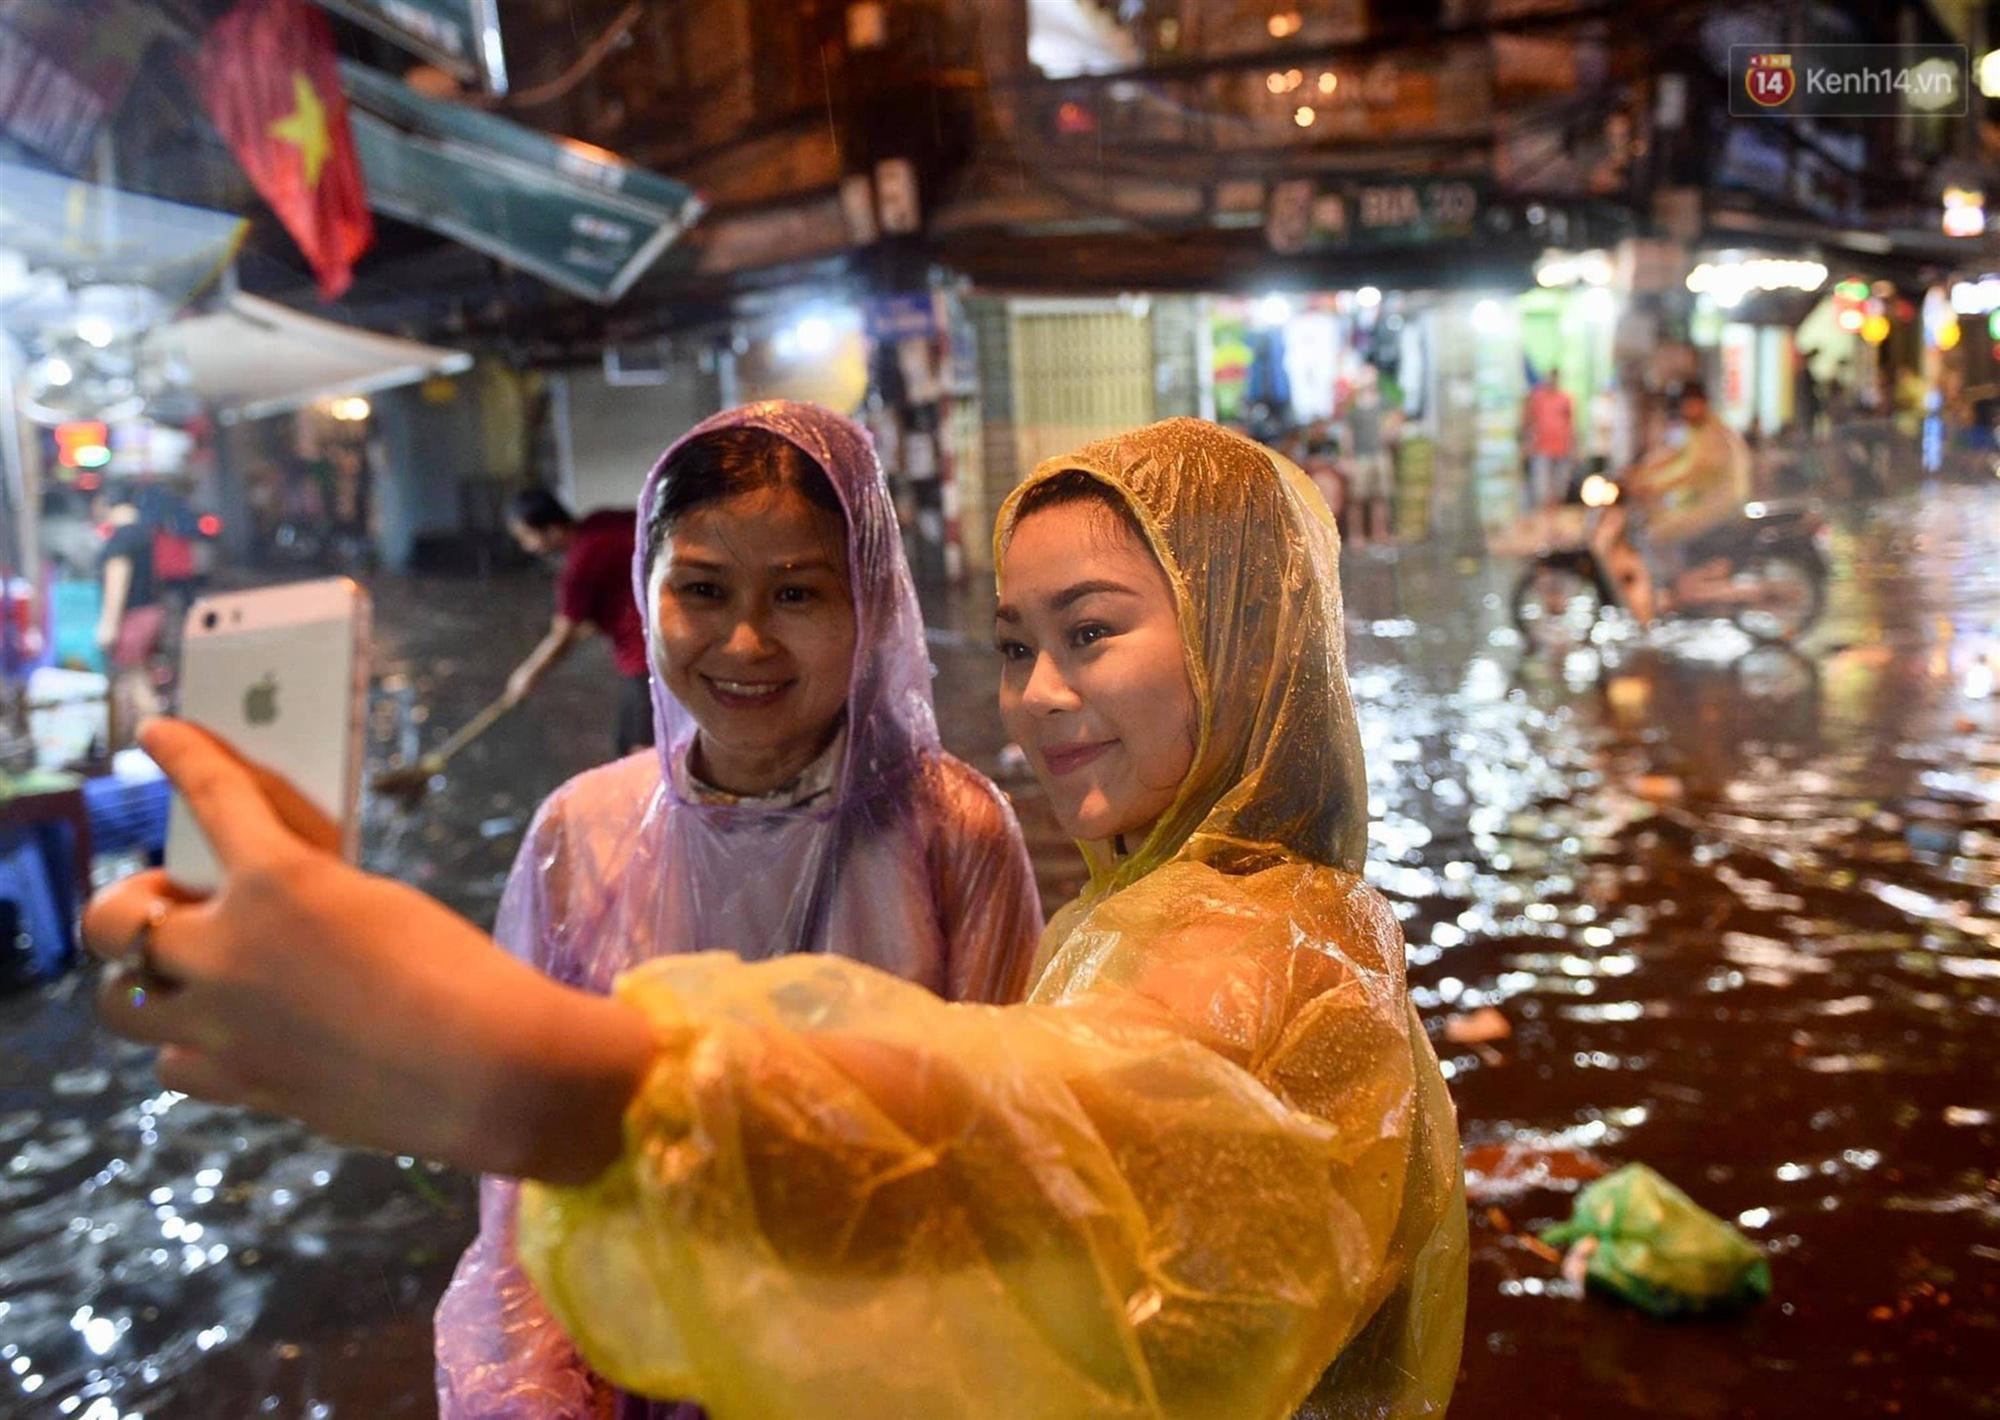 Hà Nội: Phố tây Tạ Hiện - Lương Ngọc Quyến mênh mông nước, nhiều cặp đôi phải cõng nhau di chuyển-15